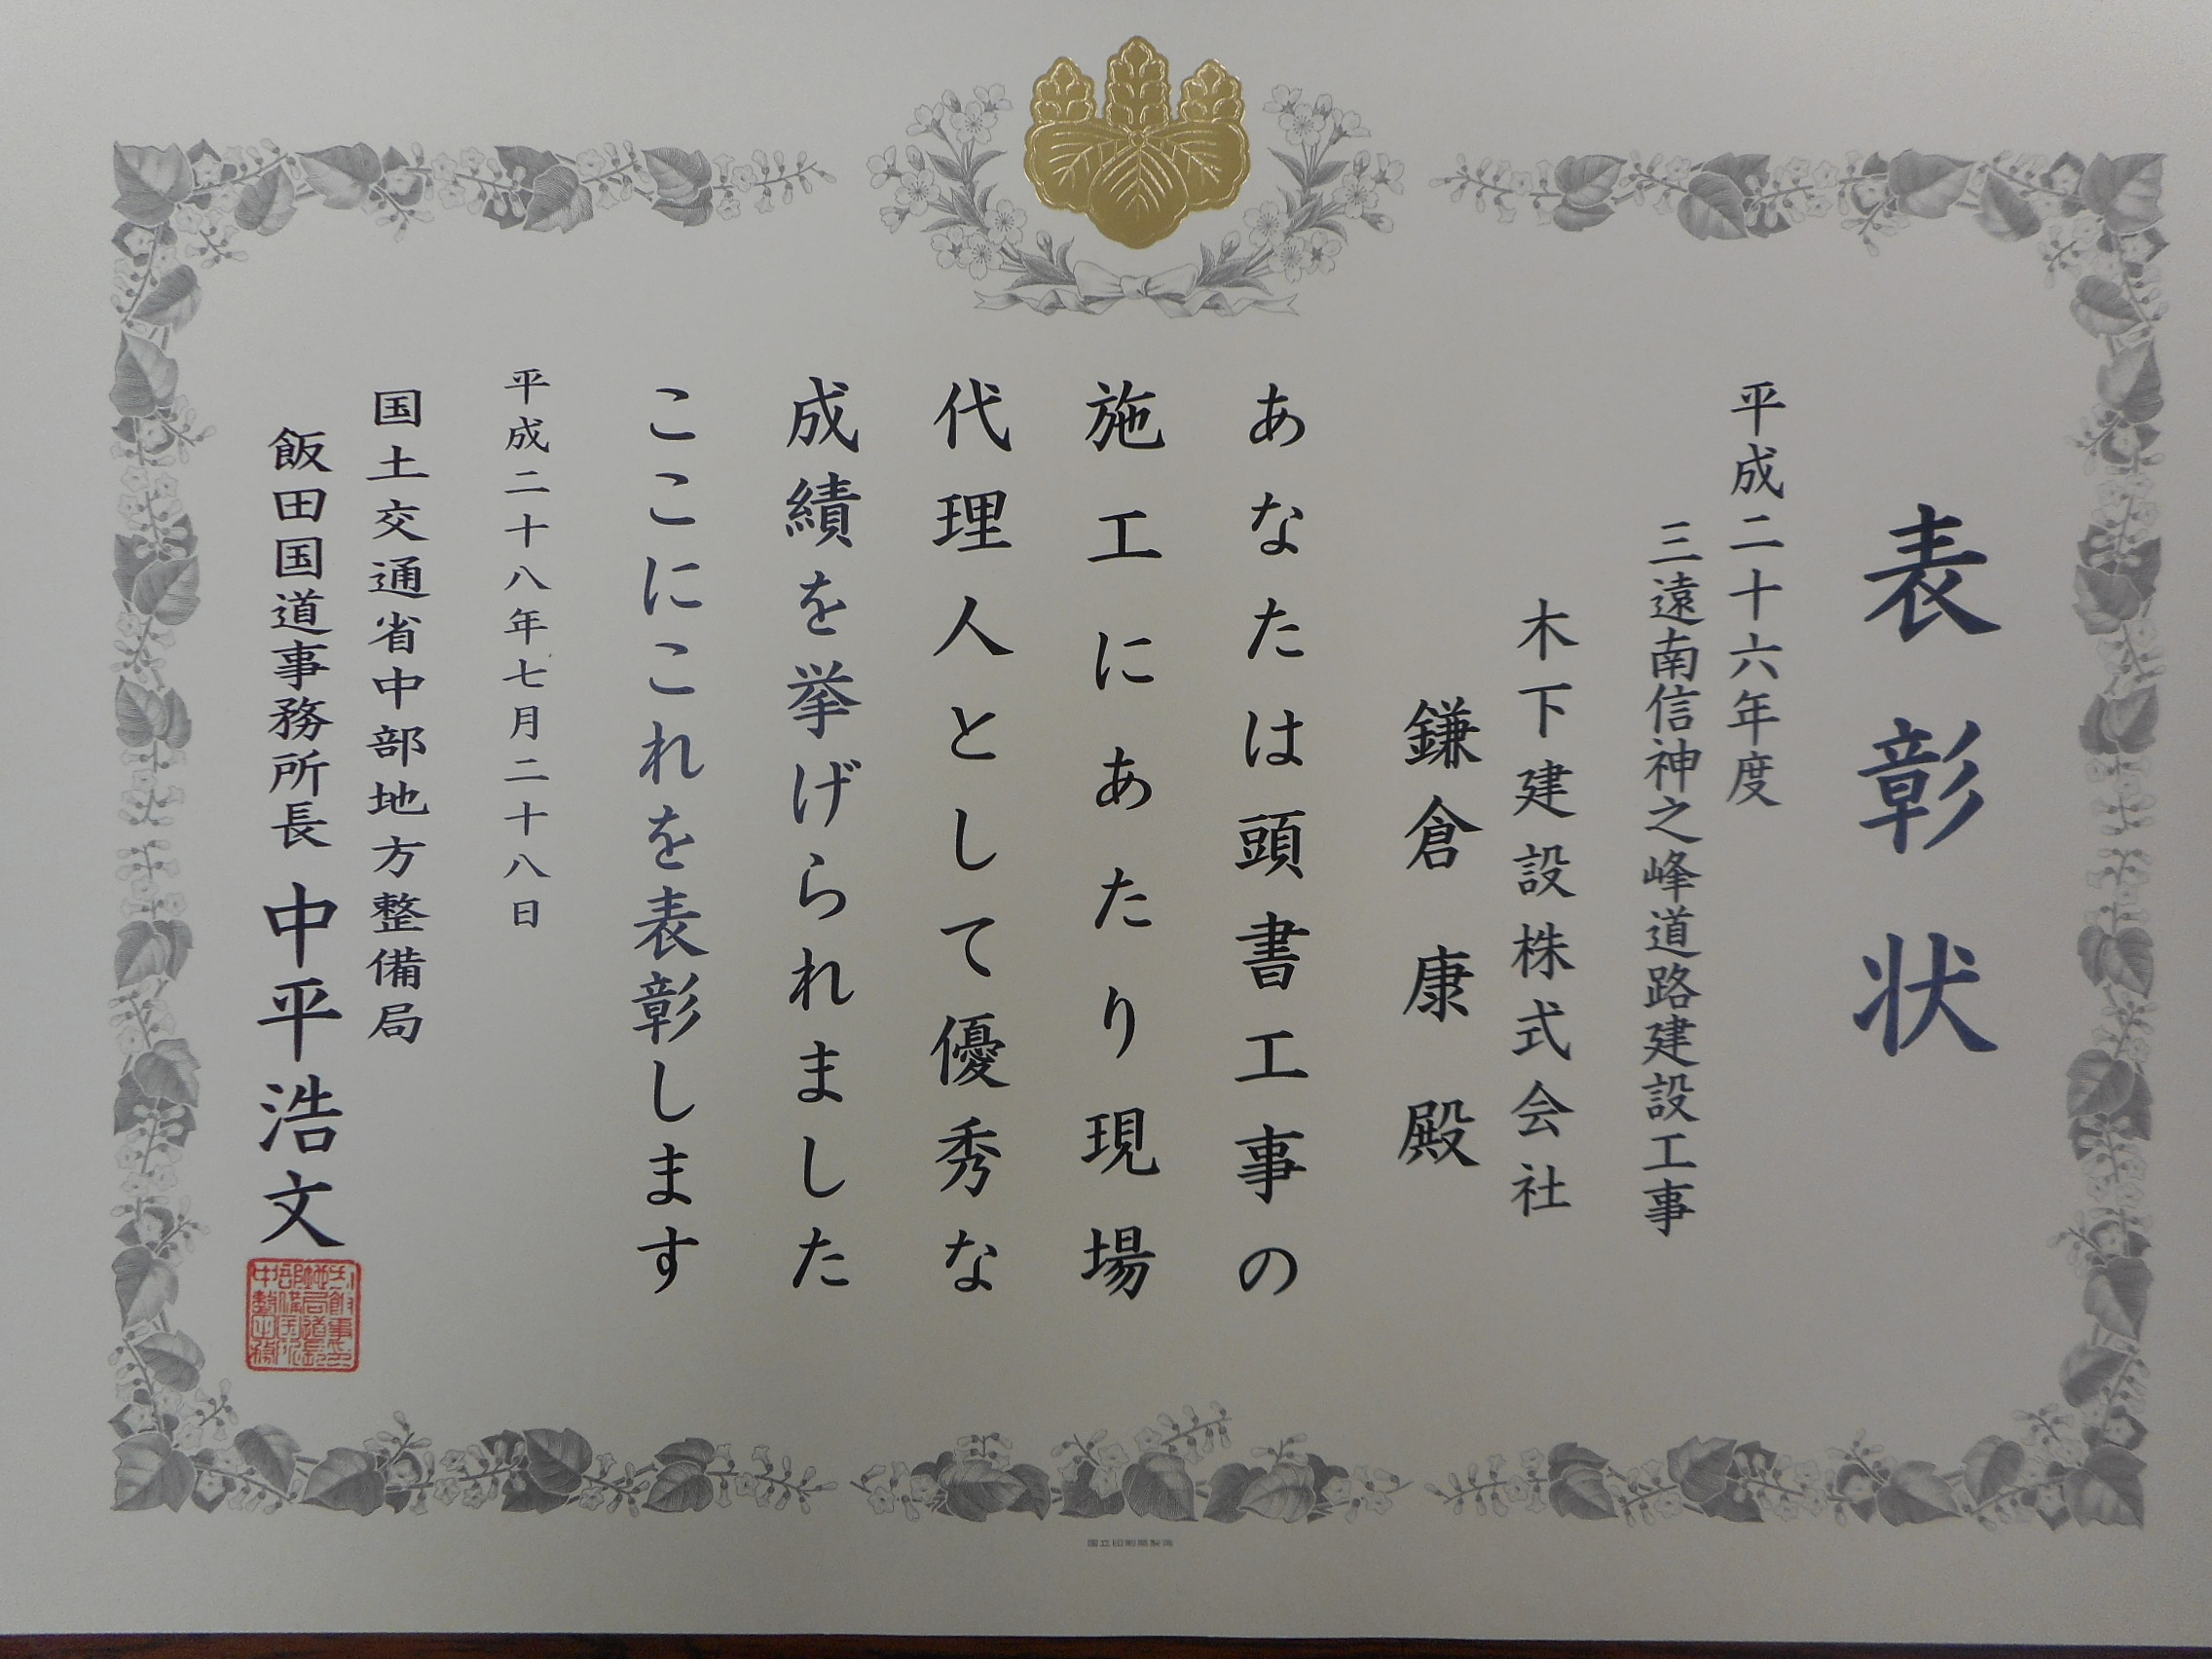 平成28年度 事務所長表彰『成績優秀』